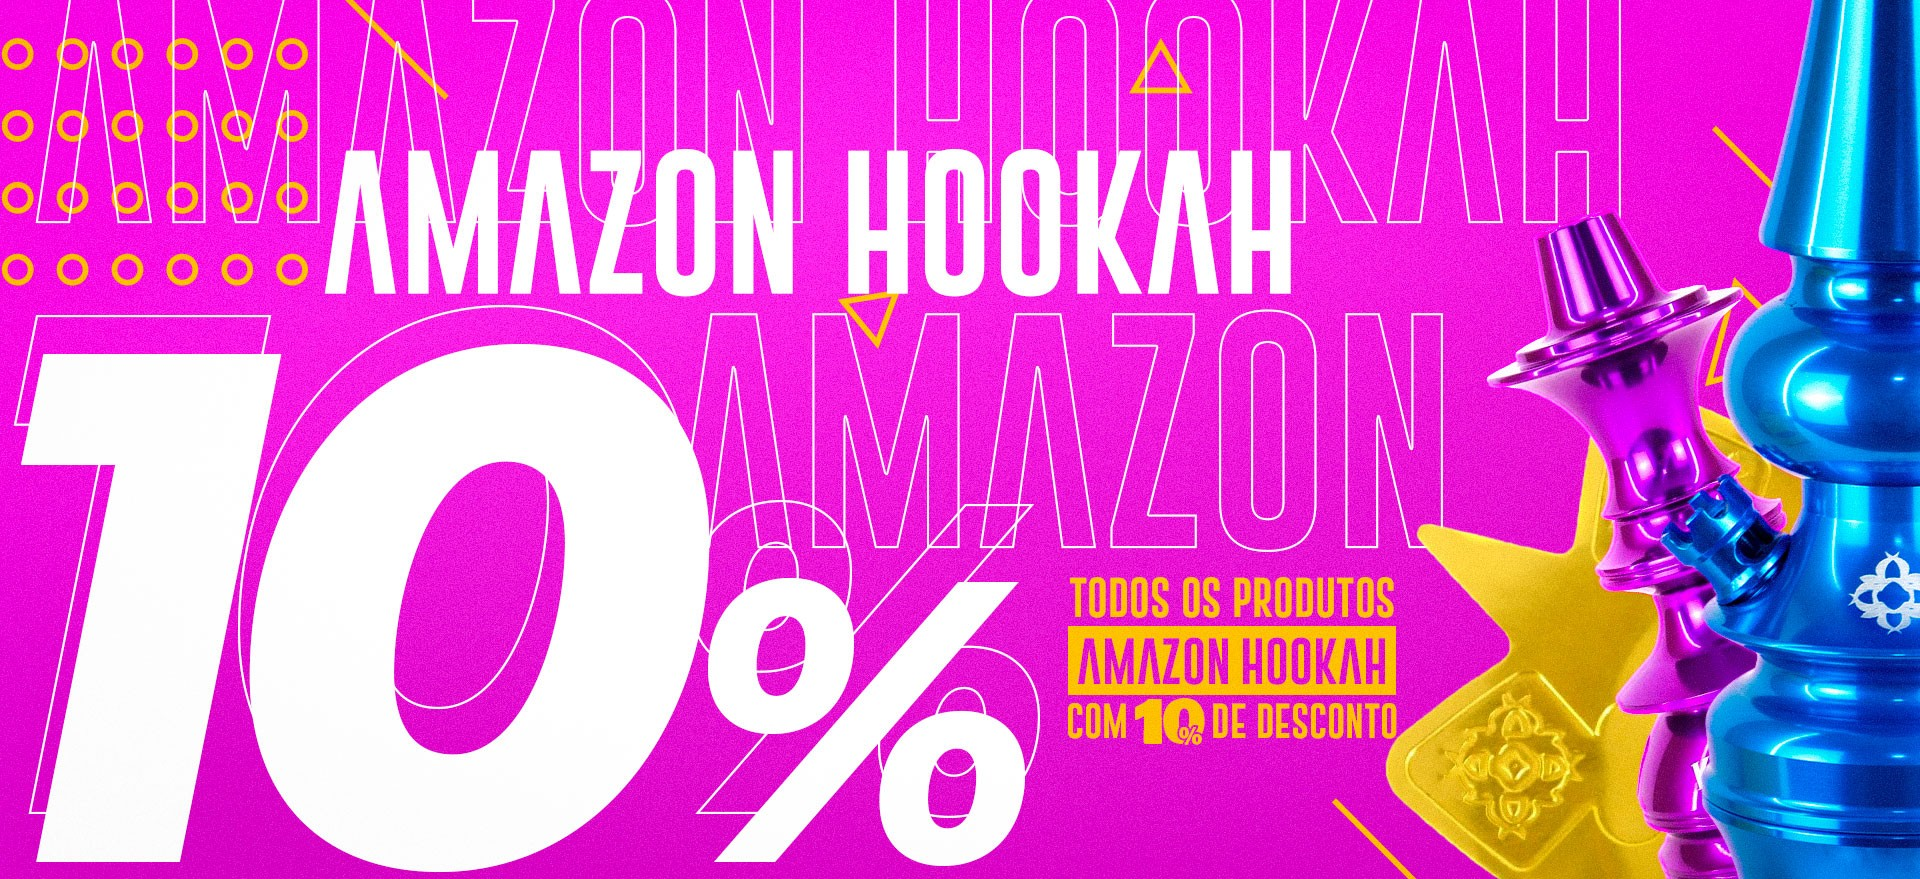 Promoção Amazon Hookah 10% Narguile Amazon